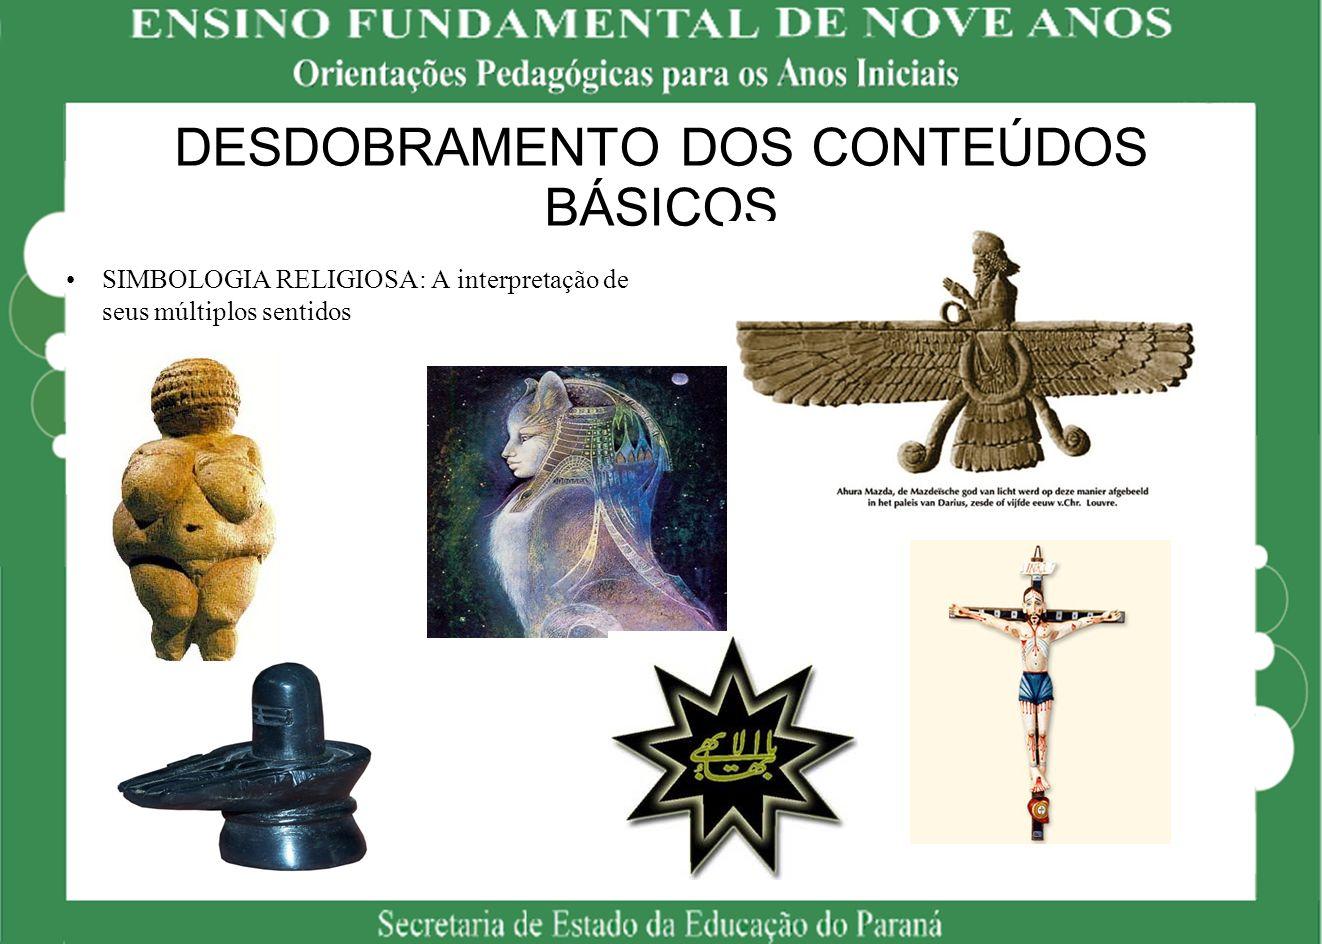 DESDOBRAMENTO DOS CONTEÚDOS BÁSICOS SIMBOLOGIA RELIGIOSA: A interpretação de seus múltiplos sentidos